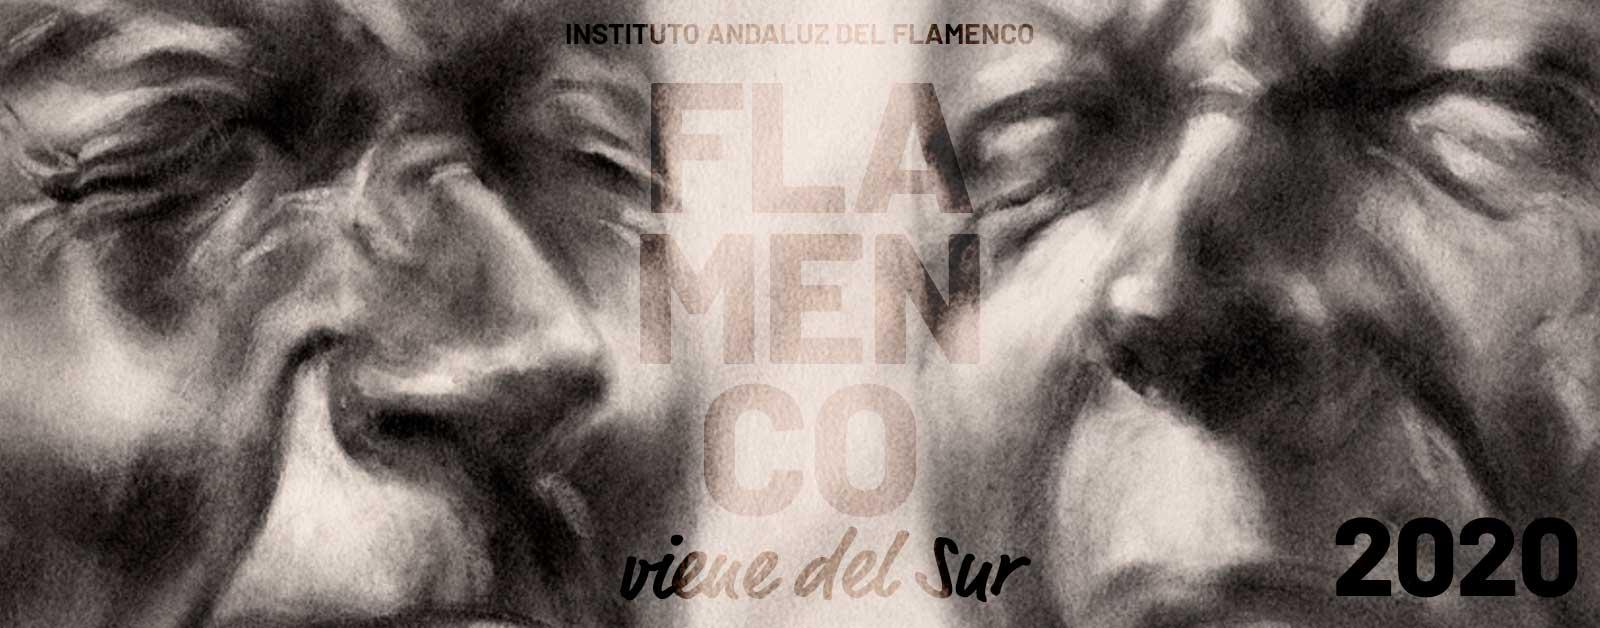 Imagen del cartel de la edición 2020 de Flamenco Viene del Sur